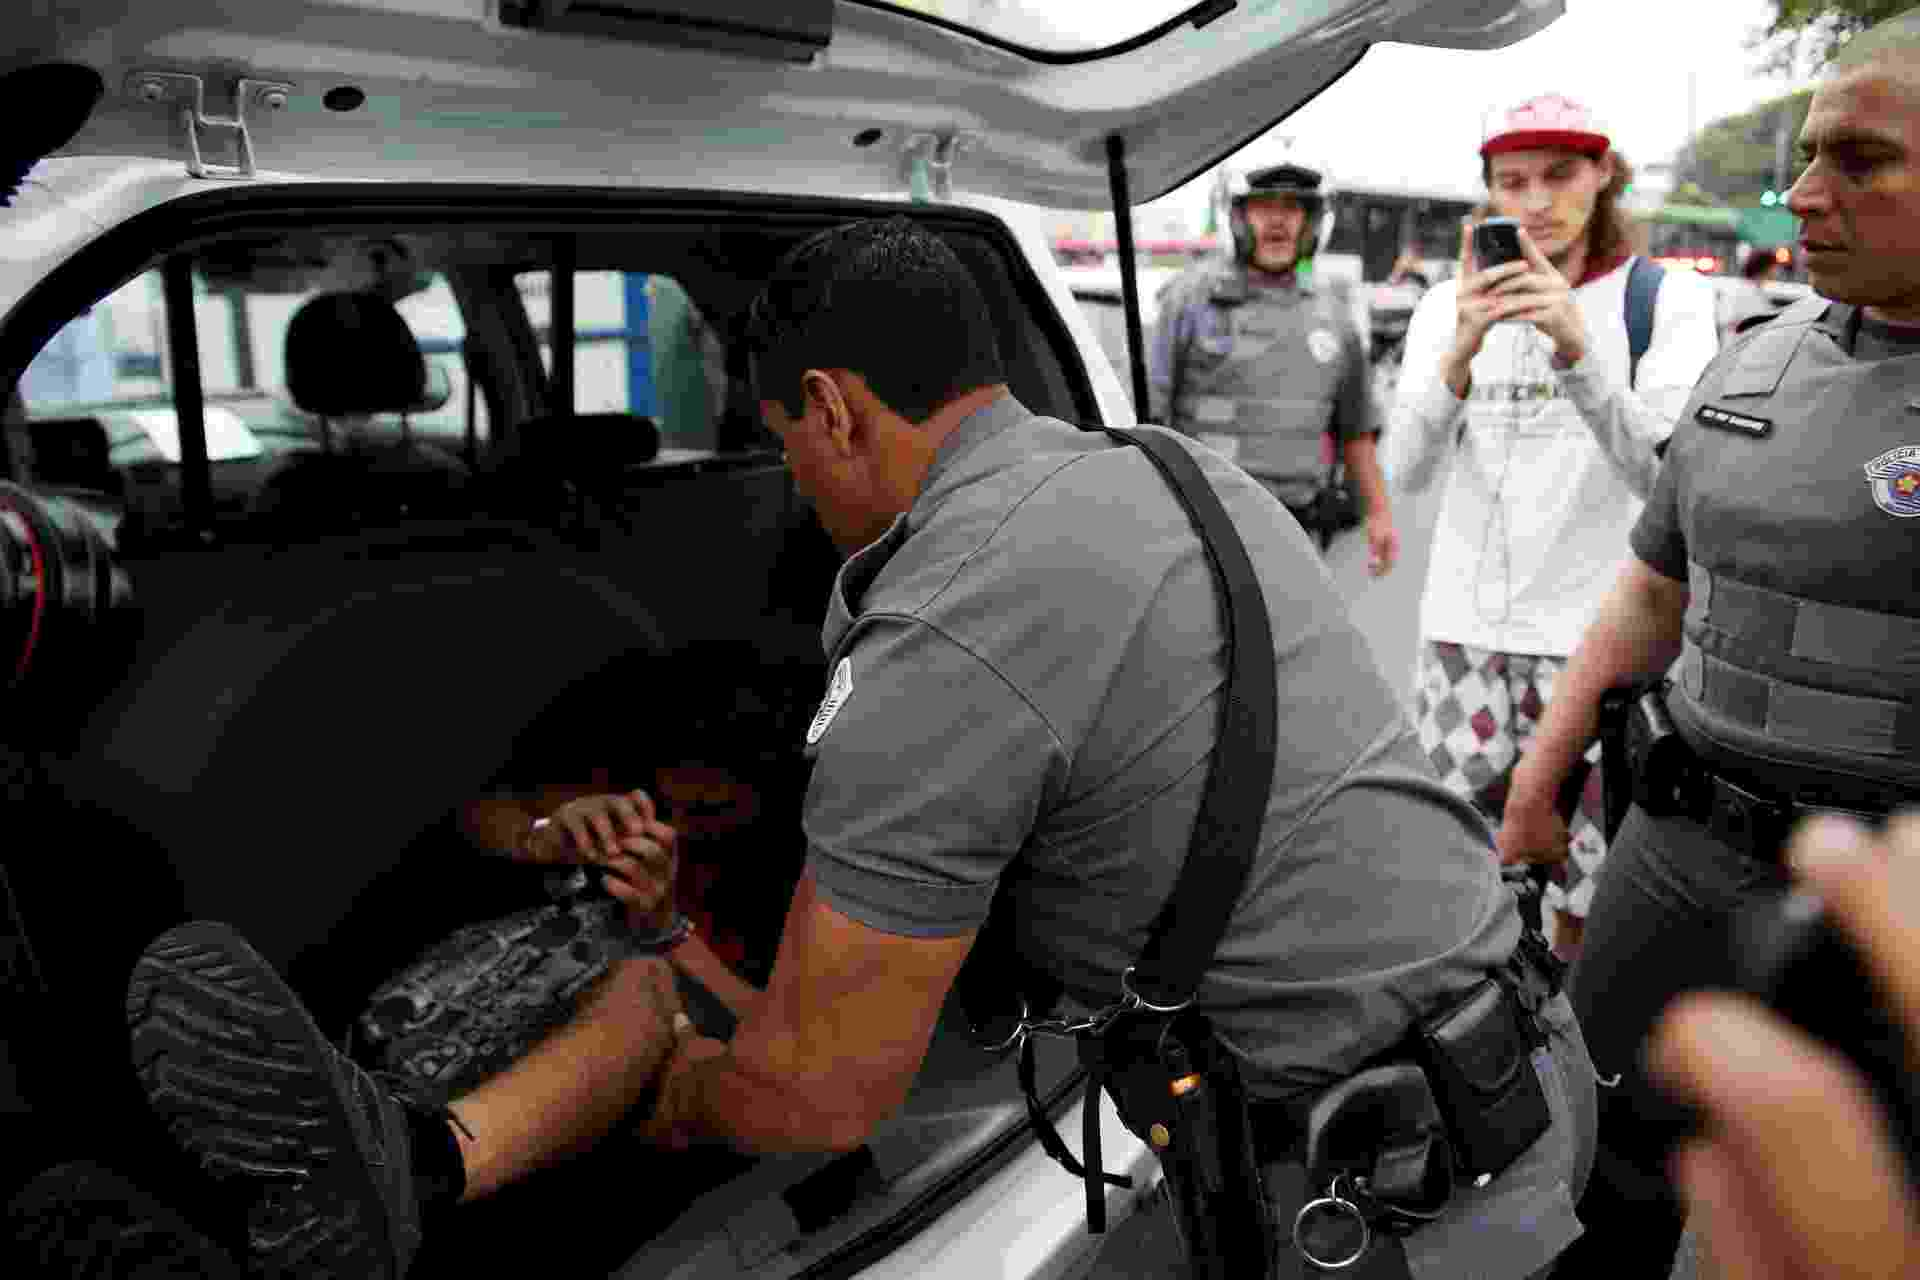 2.dez.2015 - Manifestante é detido durante protesto contra a reorganização escolar na avenida Doutor Arnaldo, na zona oeste de São Paulo. Jovem será encaminhado ao 23º DP (Perdizes). A confusão começou quando policiais militares retiraram cadeiras utilizadas pelos estudantes para fechar o sentido Sumaré da via - Renato S. Cerqueira/Futura Press/Estadão Conteúdo